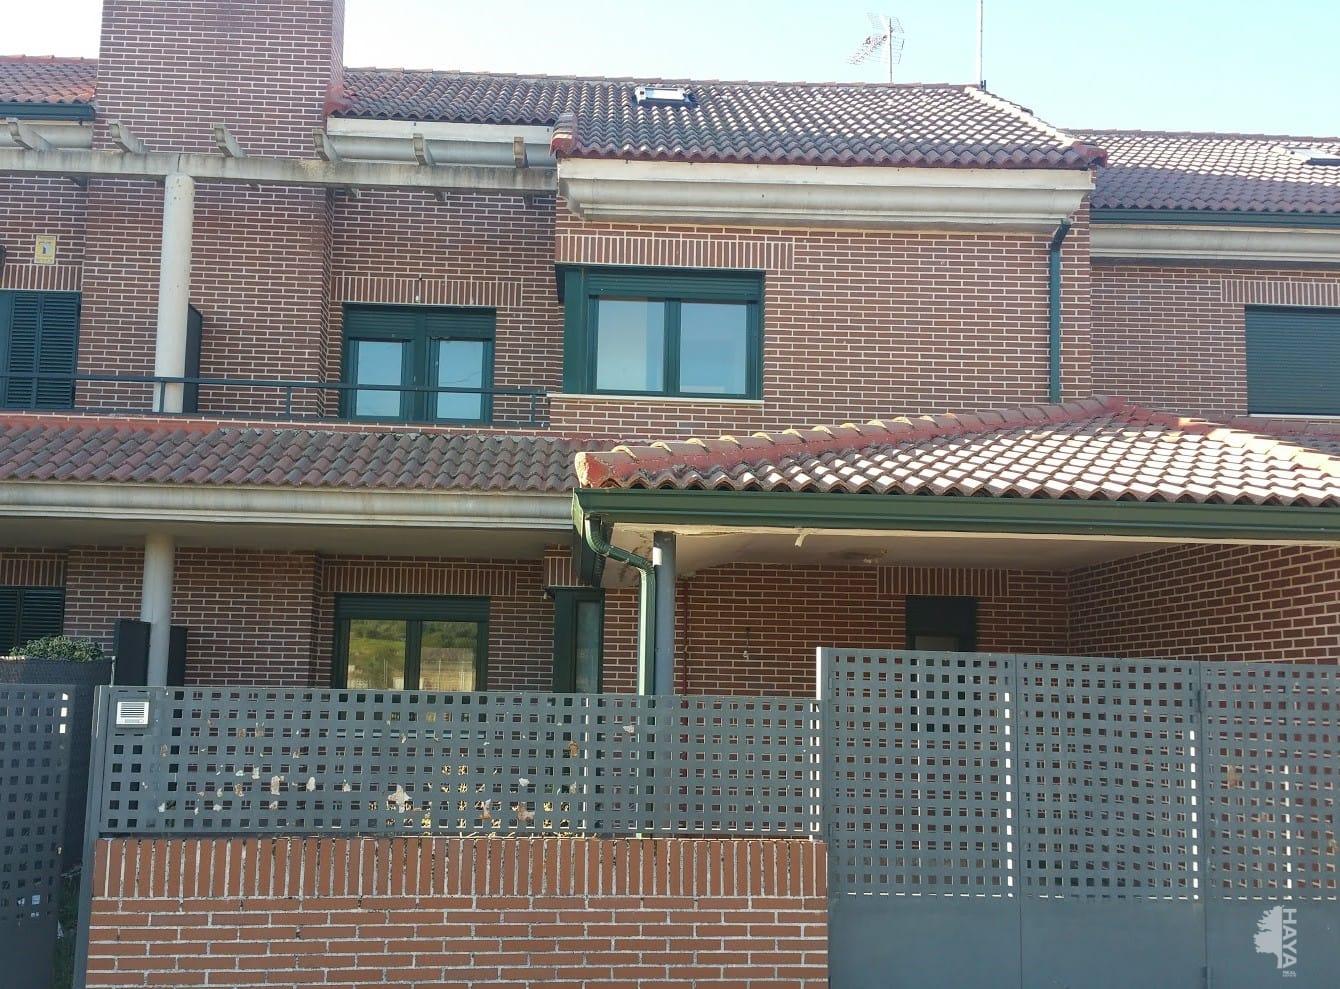 Casa en venta en Las Navas del Marqués, Ávila, Calle Prado de los Frailes, 4.424.000 €, 1 baño, 5719 m2